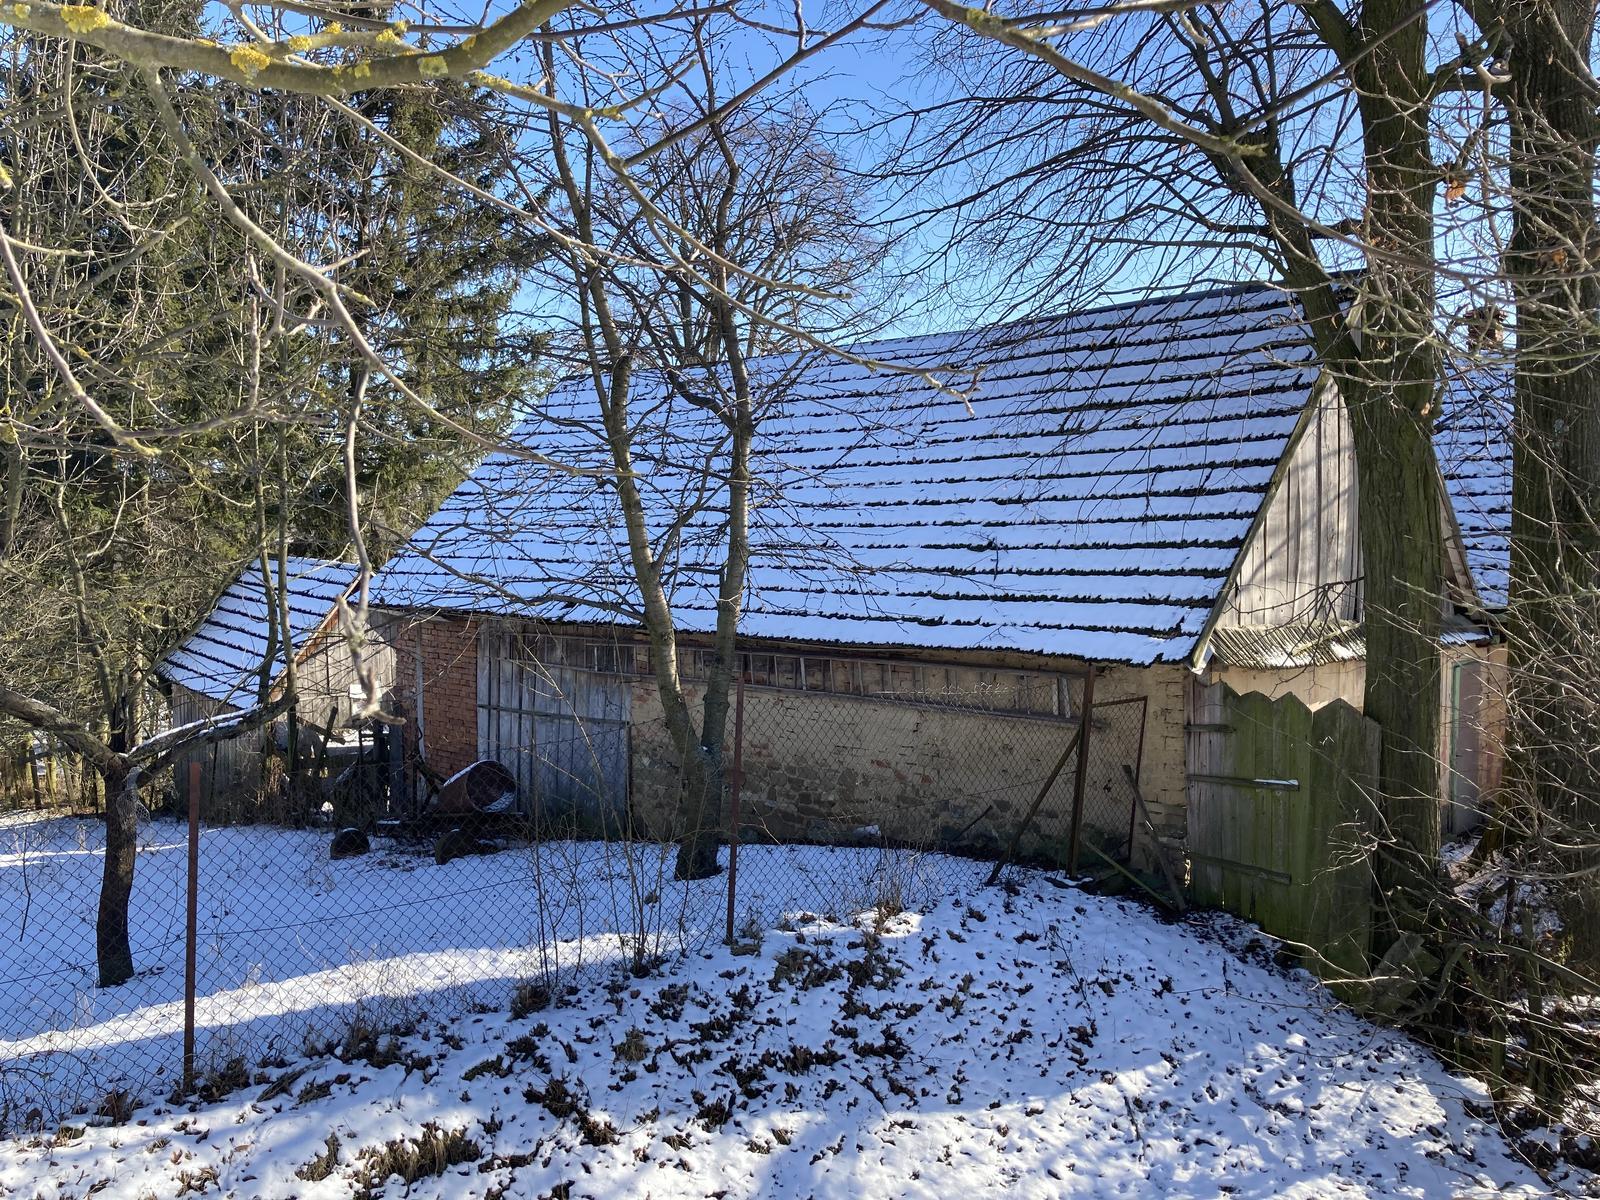 Dom - šopa z pohľadu od suseda - vyzerá to na pálené tehly